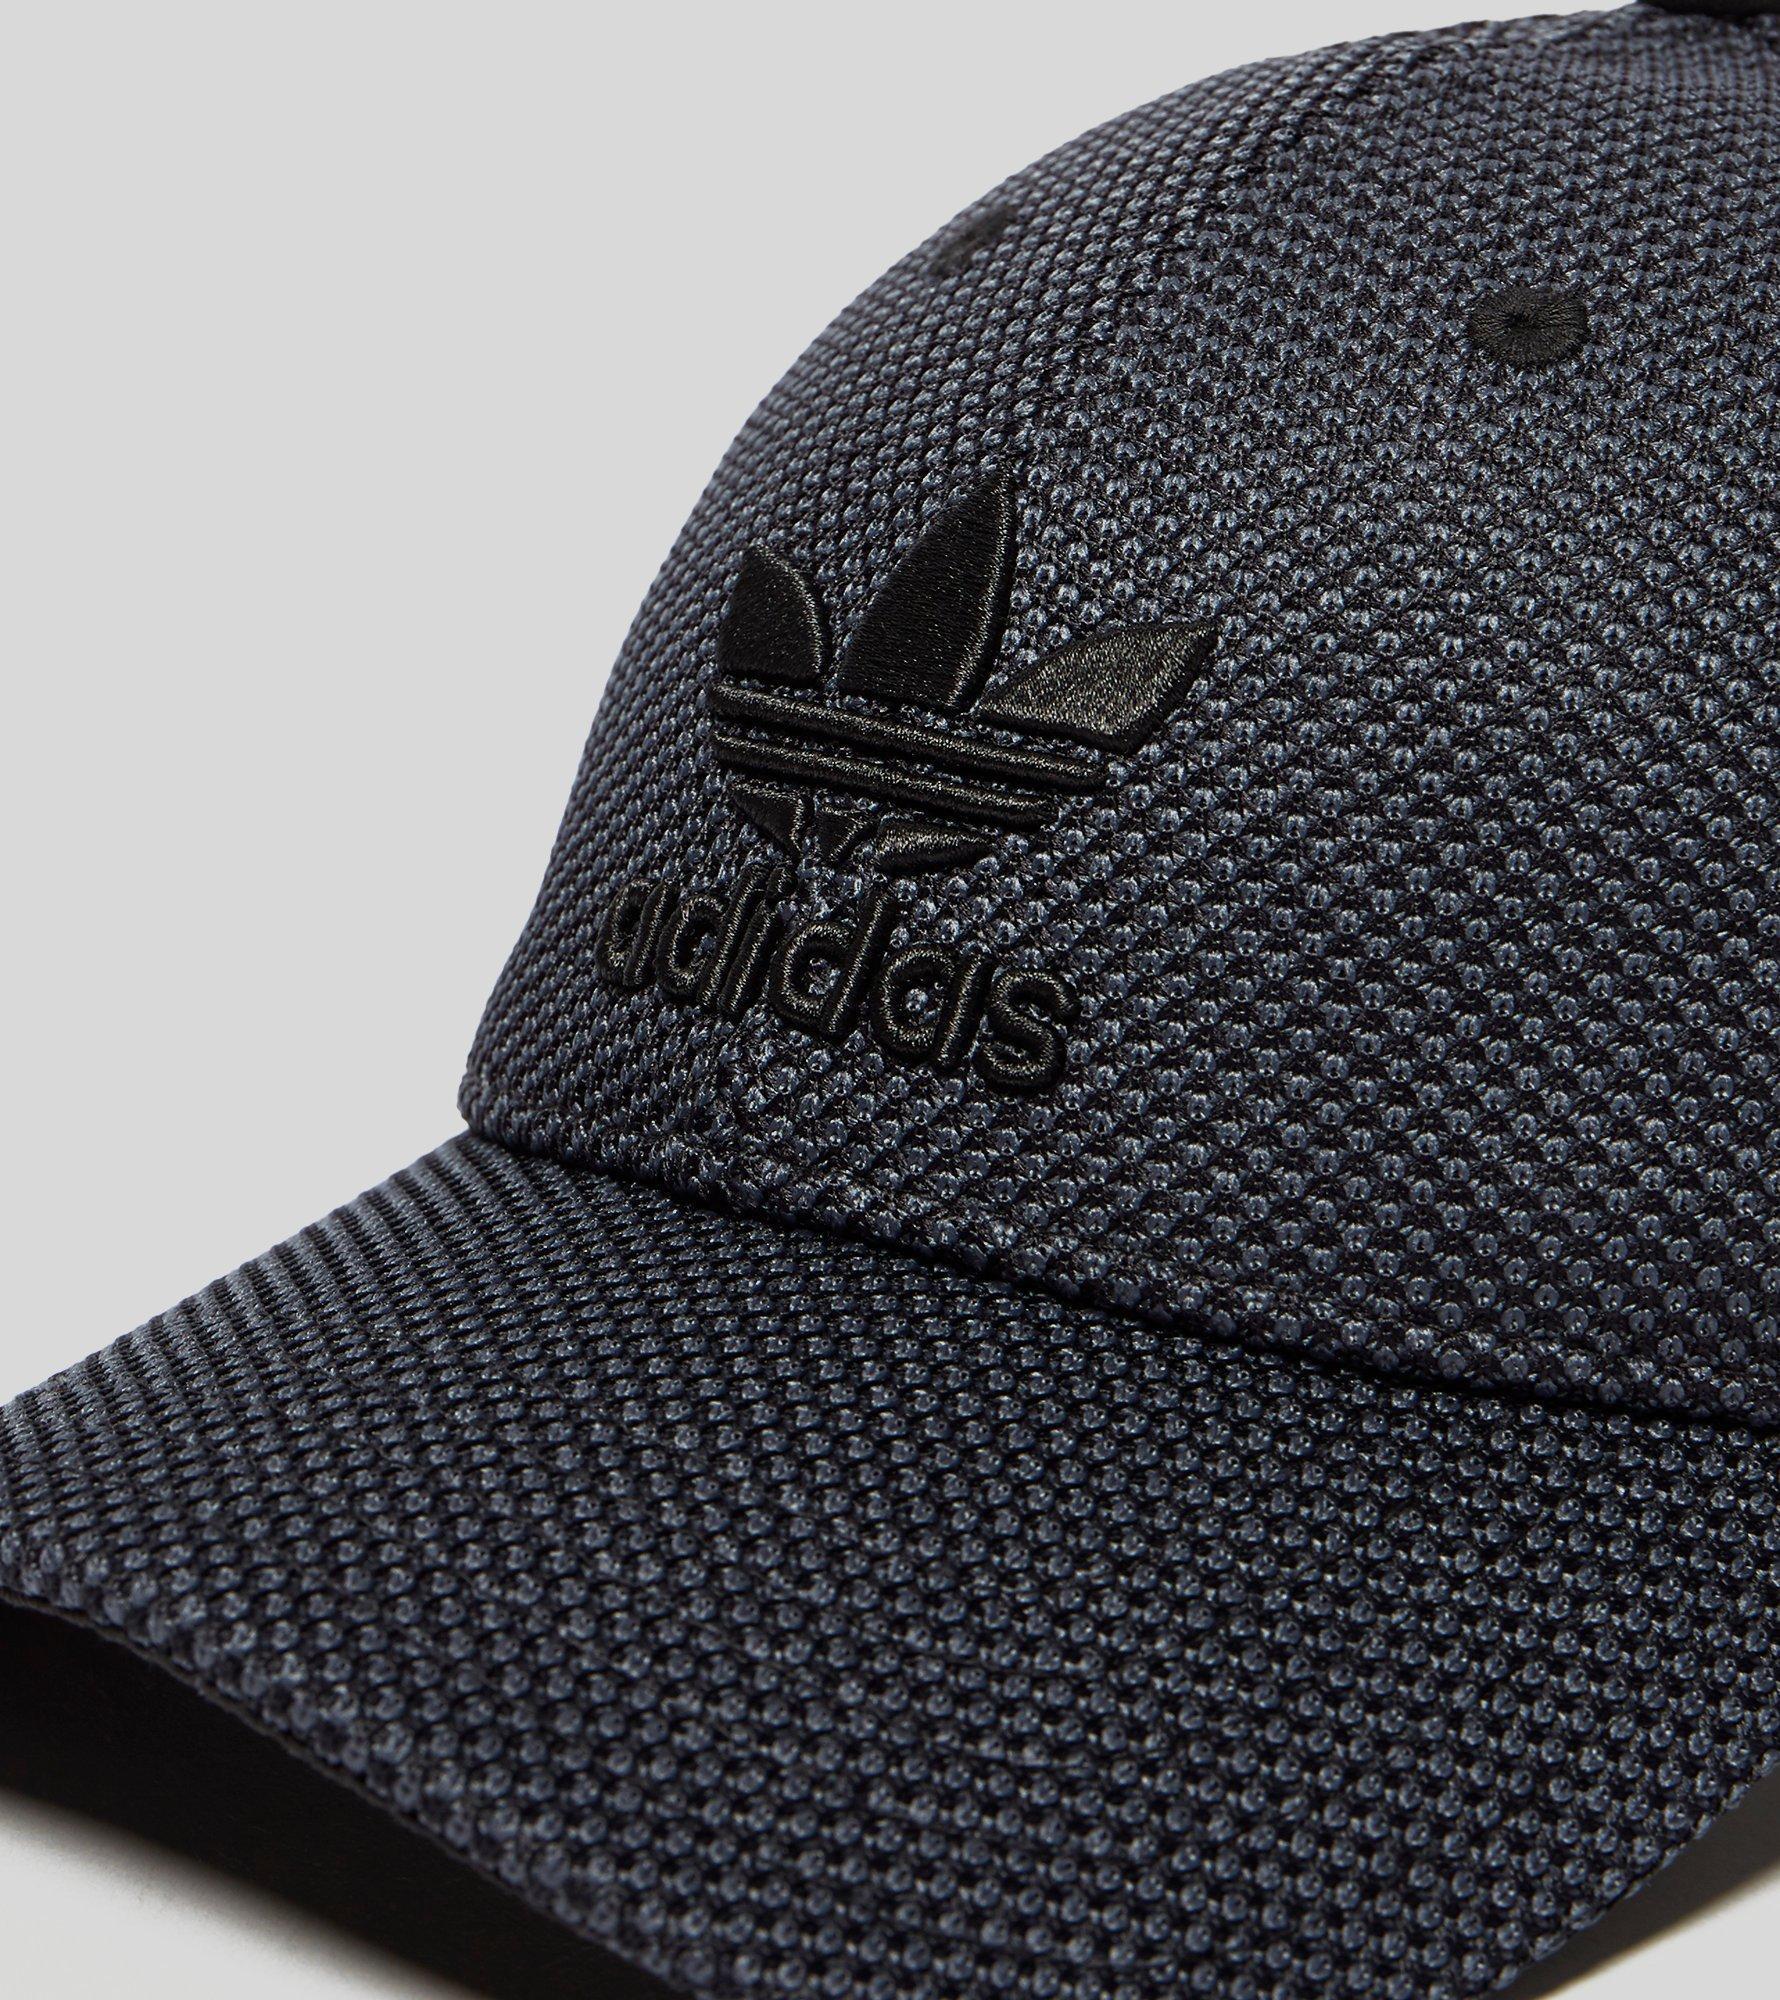 c41bcdf4c03 adidas Originals Primeknit Trefoil Cap in Black for Men - Lyst